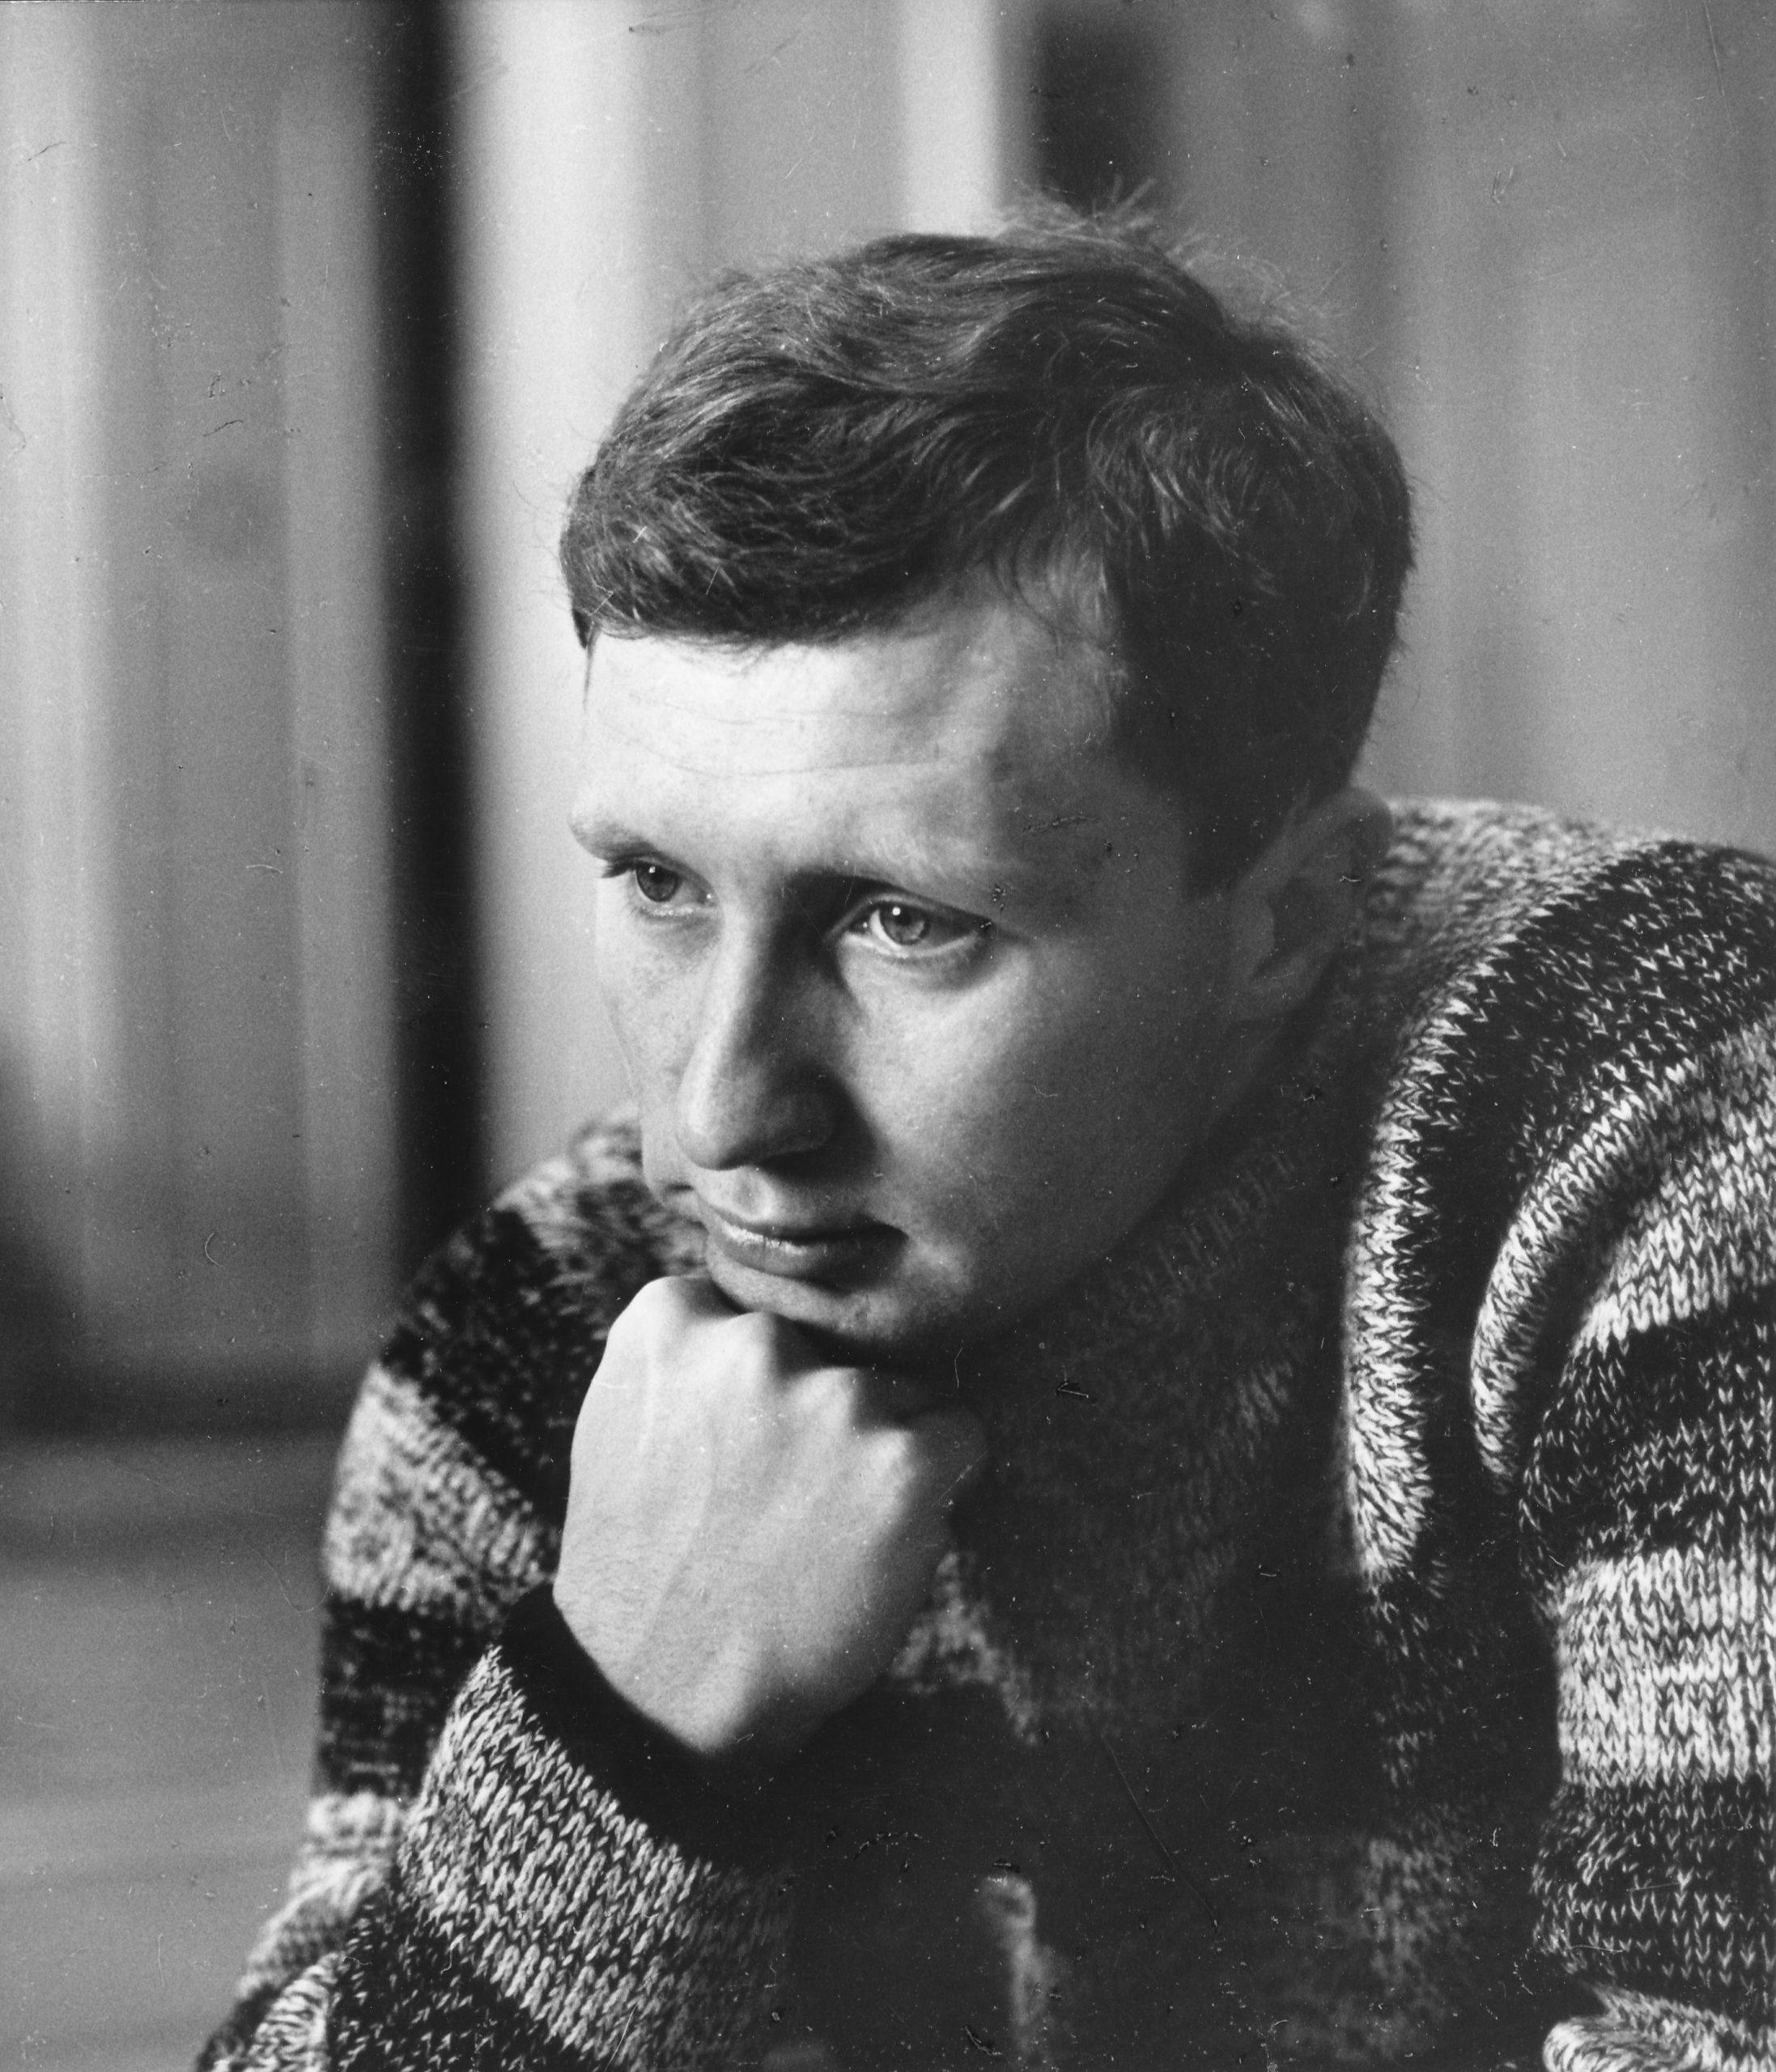 Vladimir Tukmakov